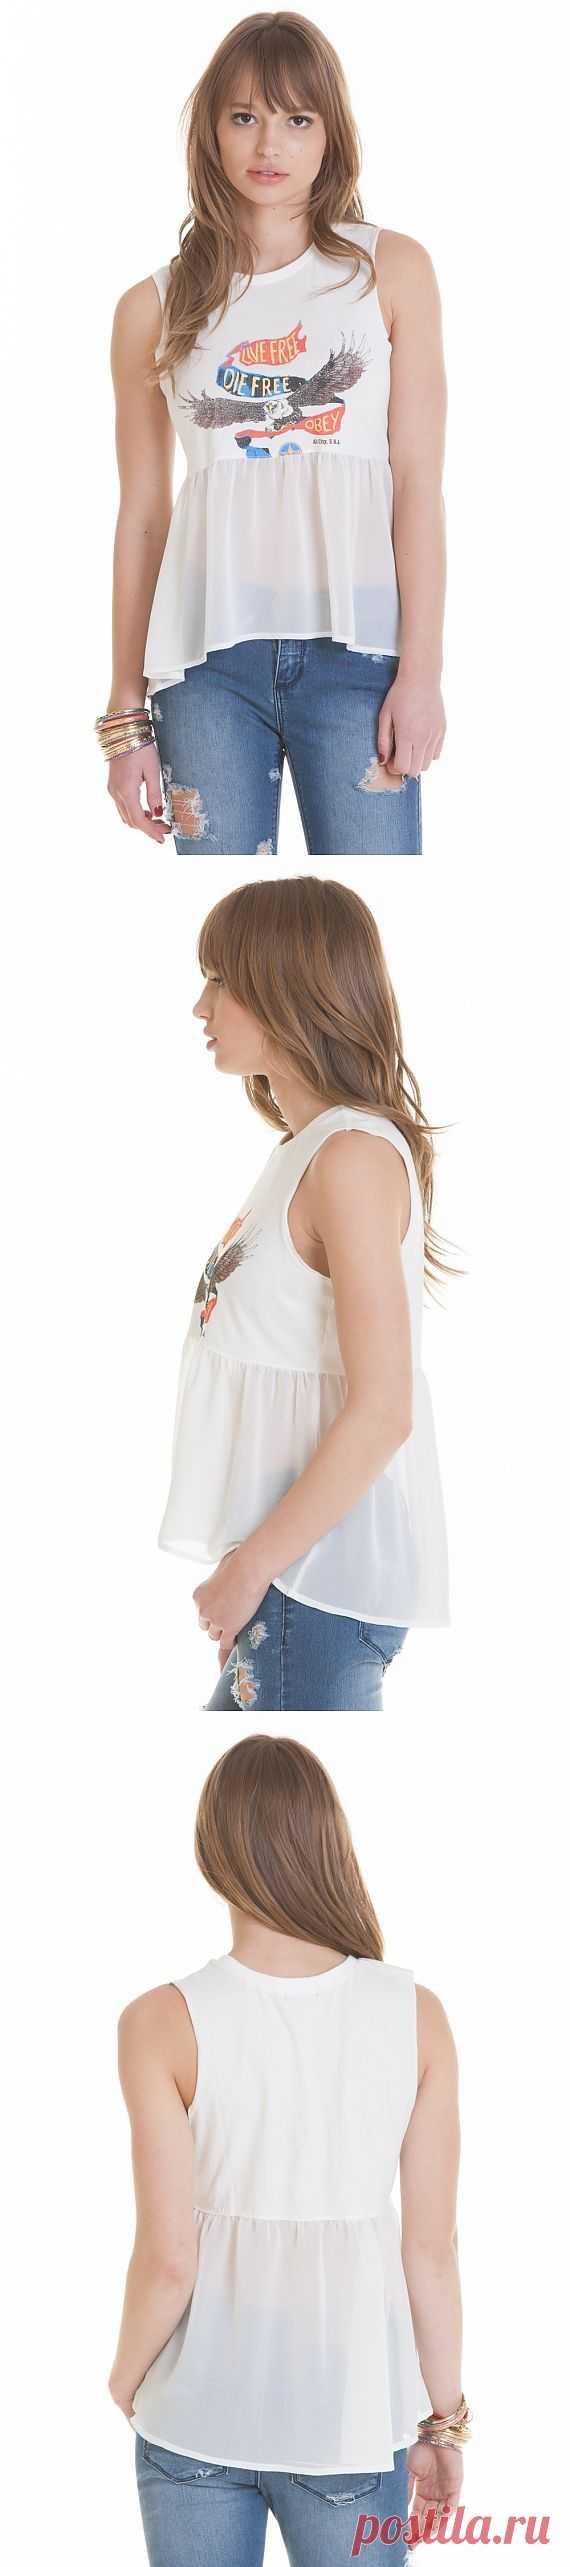 Шифоновая баска Obey / Футболки DIY / Модный сайт о стильной переделке одежды и интерьера